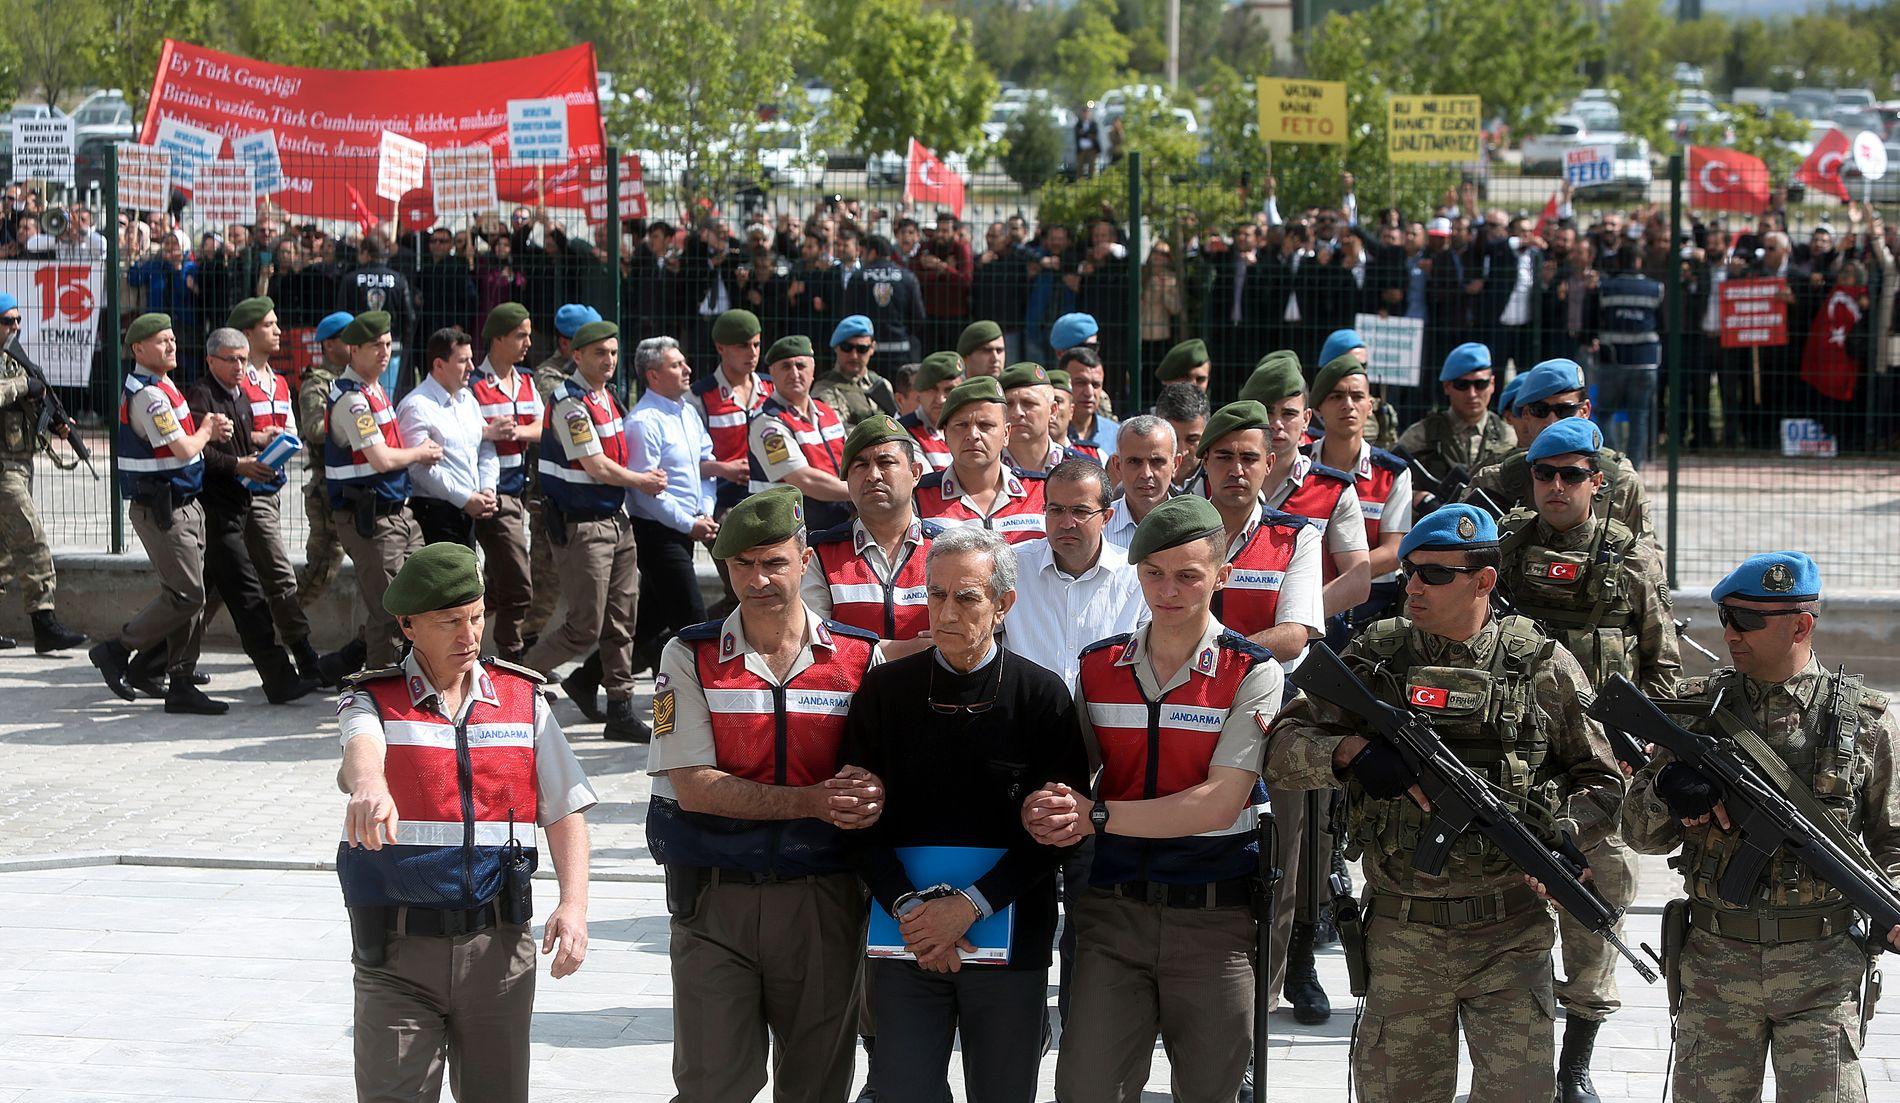 VIST FREM: Slik ble de tiltalte etter kuppforsøket i Tyrkia brakt til retten.